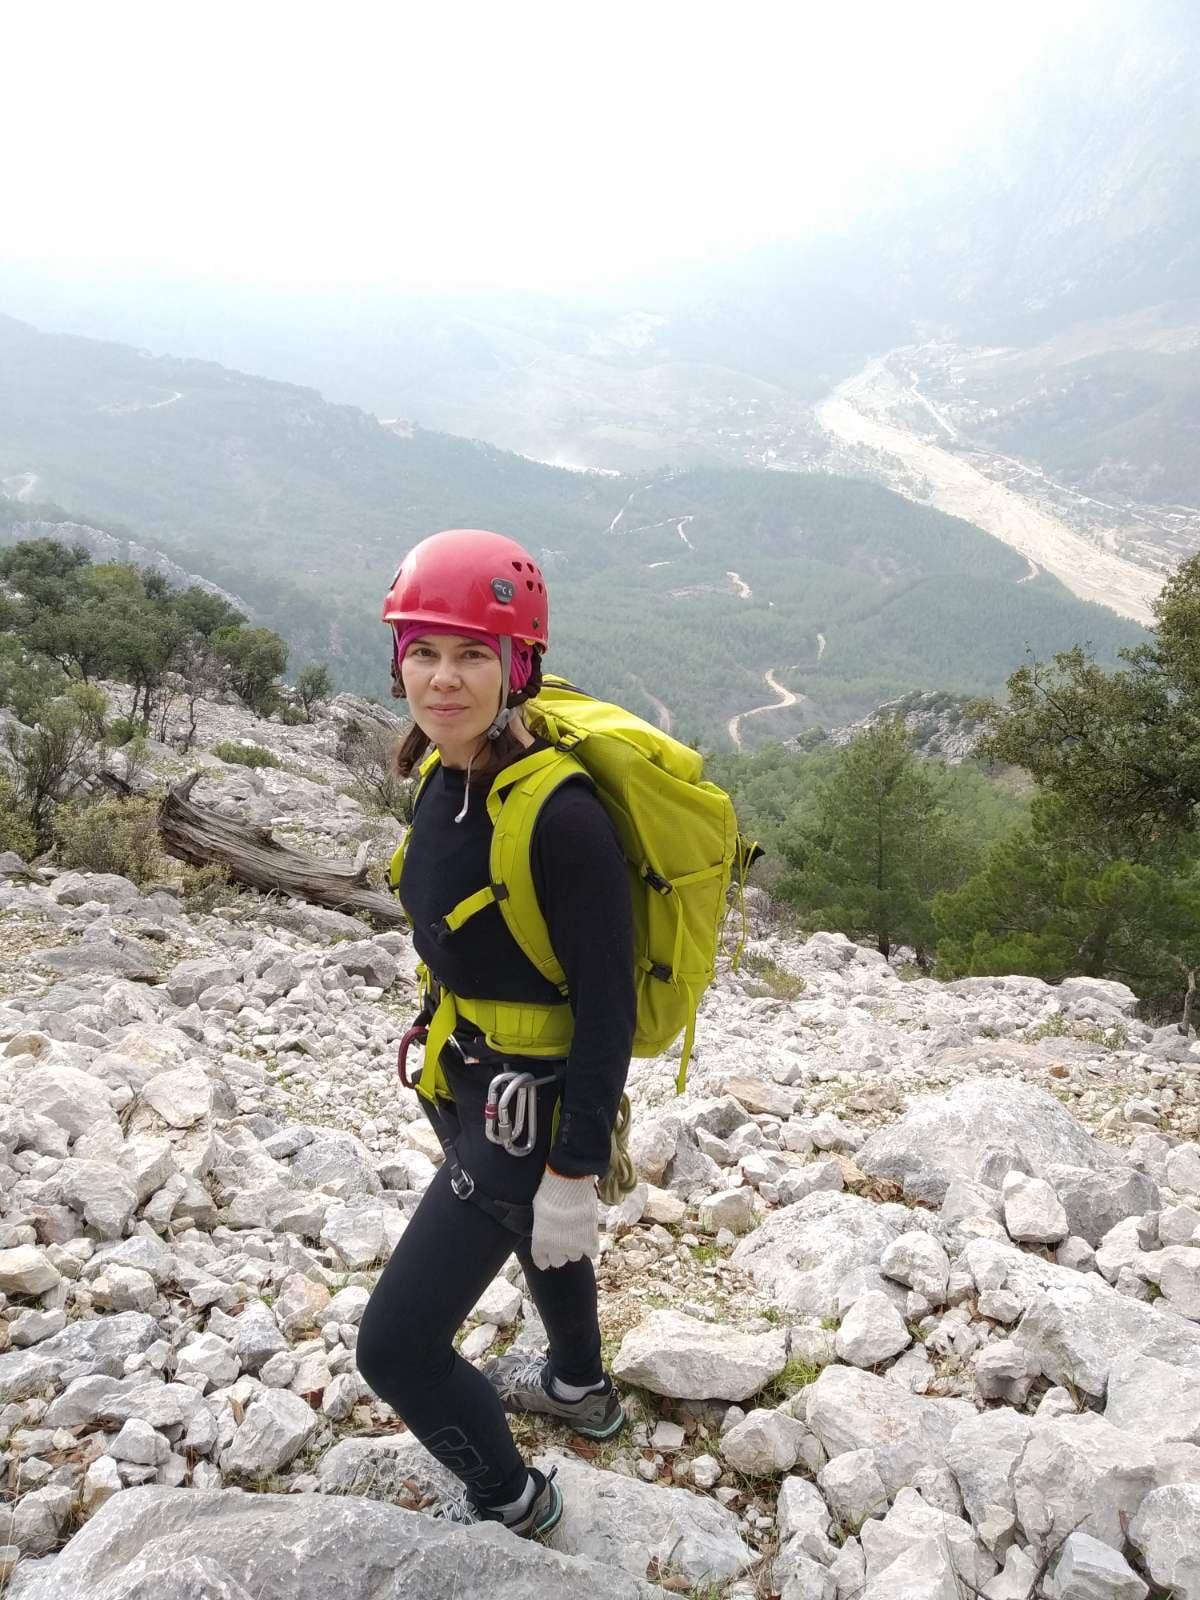 У горах Туреччини безслідно зникла українська туристка: рідні просять про допомогу